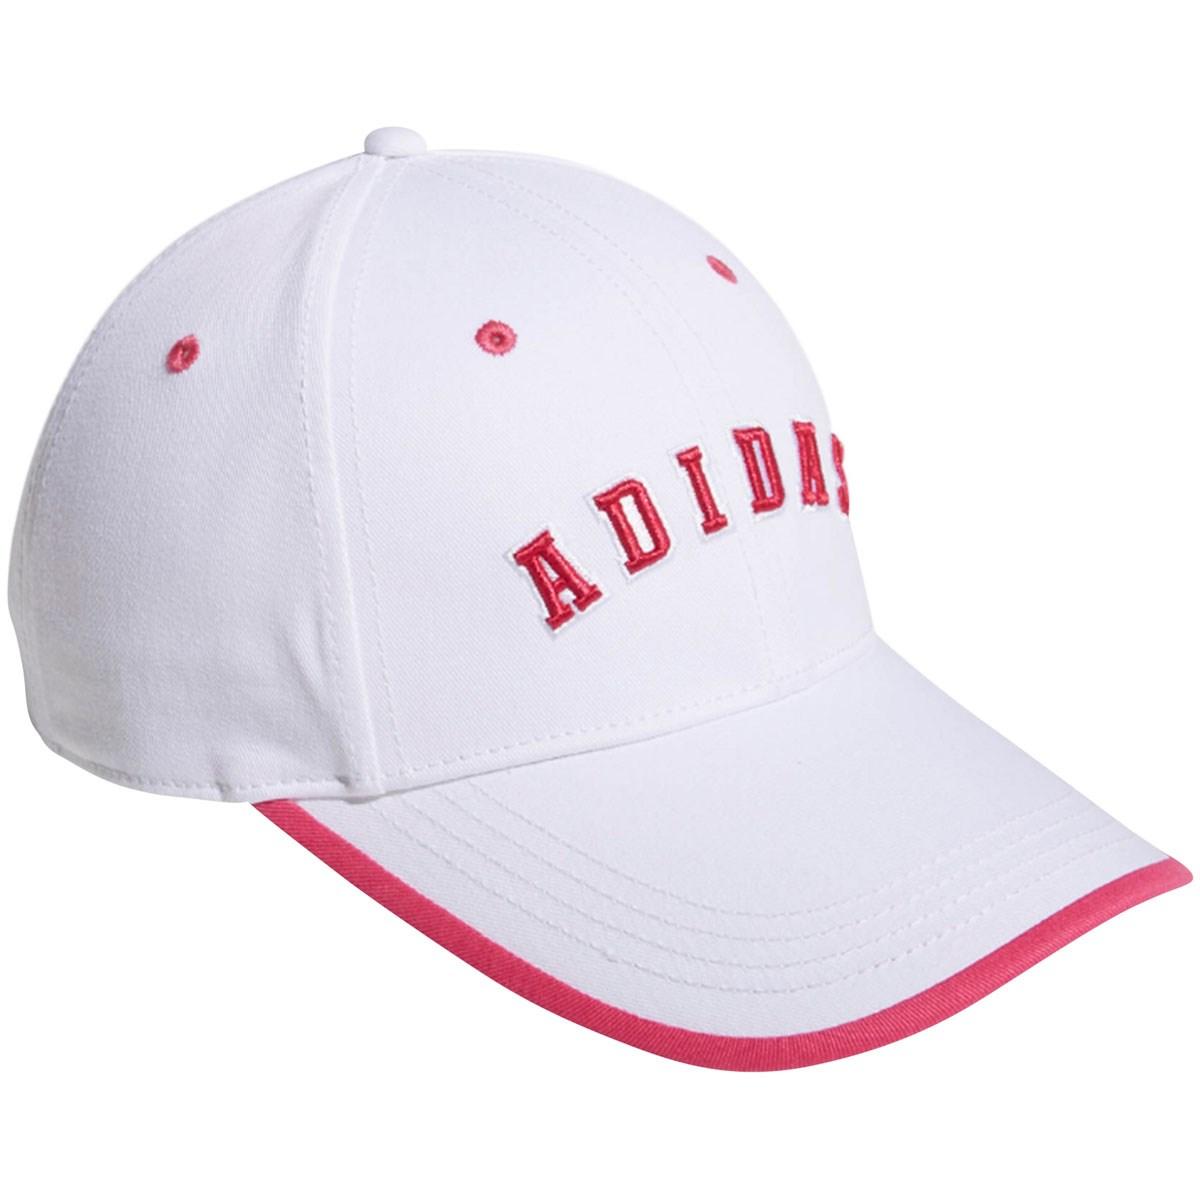 アディダス Adidas ADICROSS ツイルキャップ フリー ホワイト/ピンク レディス